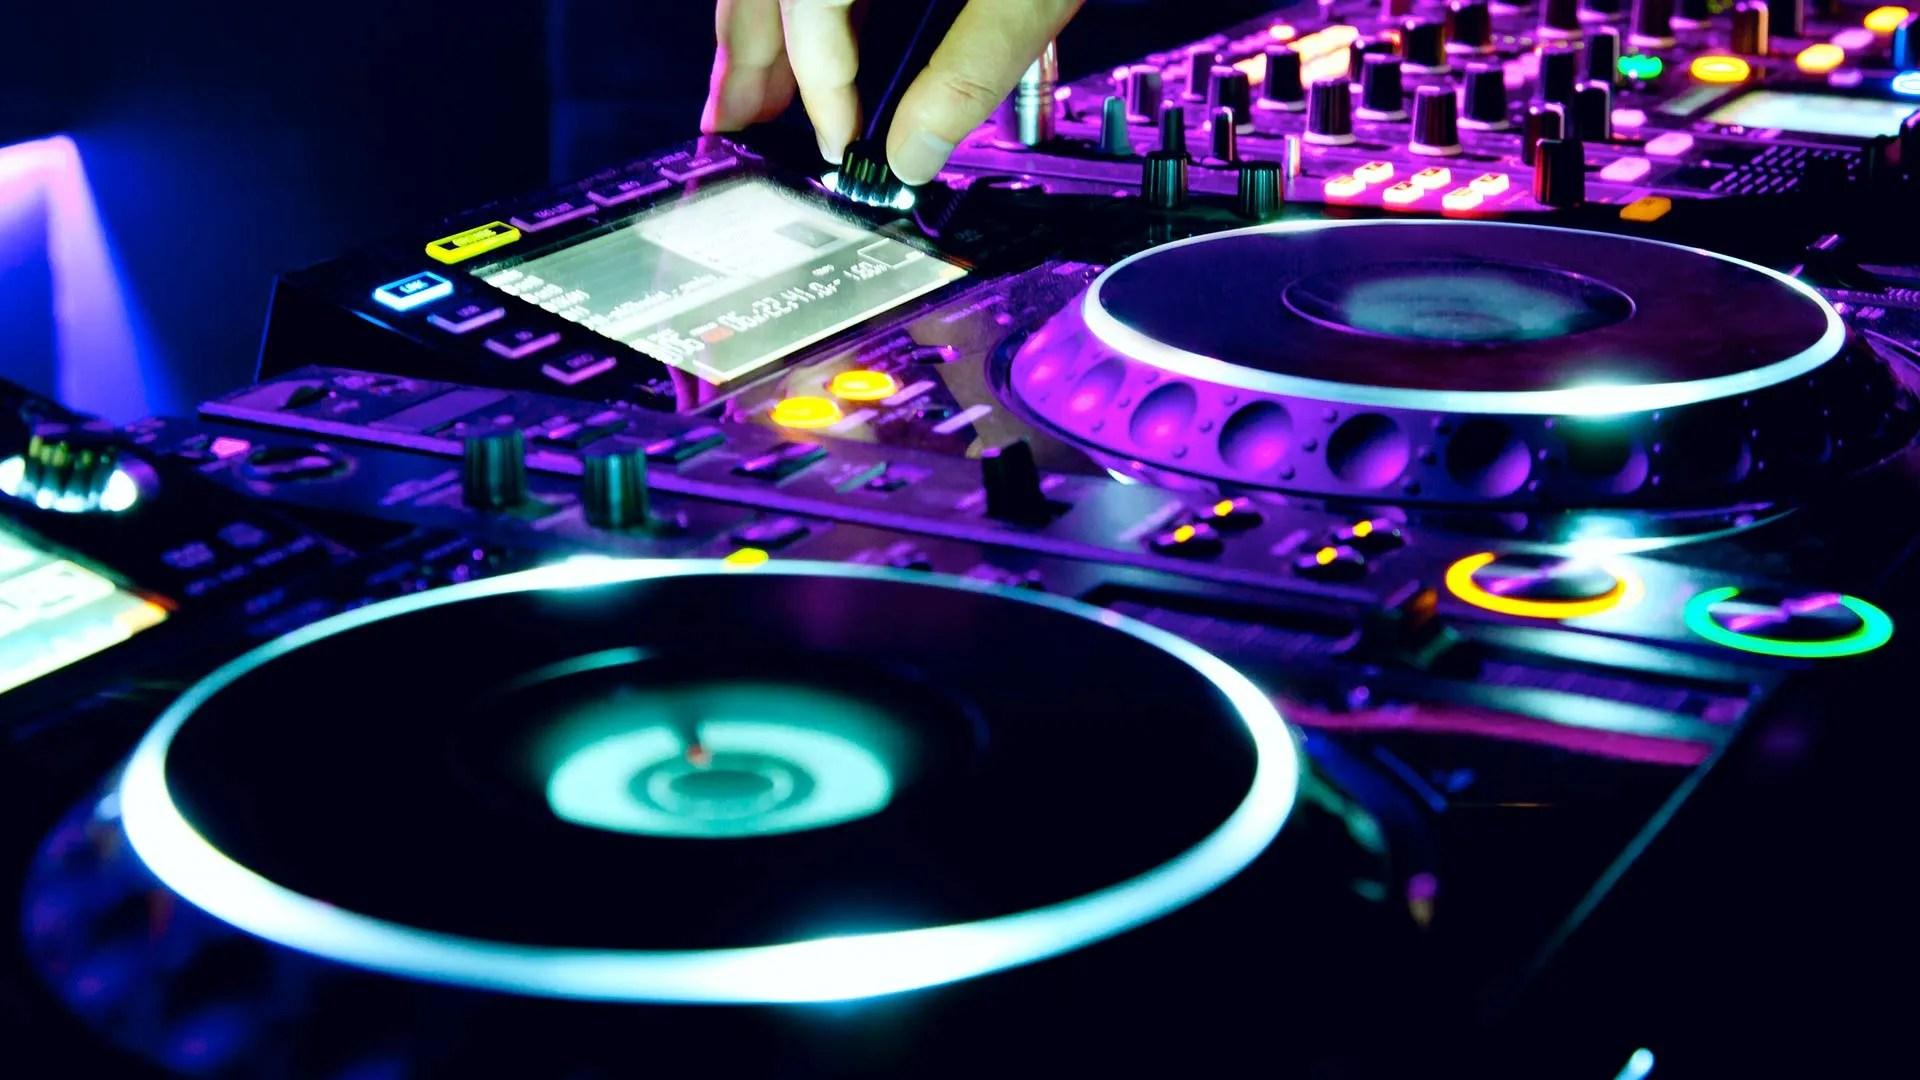 The Best DJ Mixes of 2019 - Adrien King